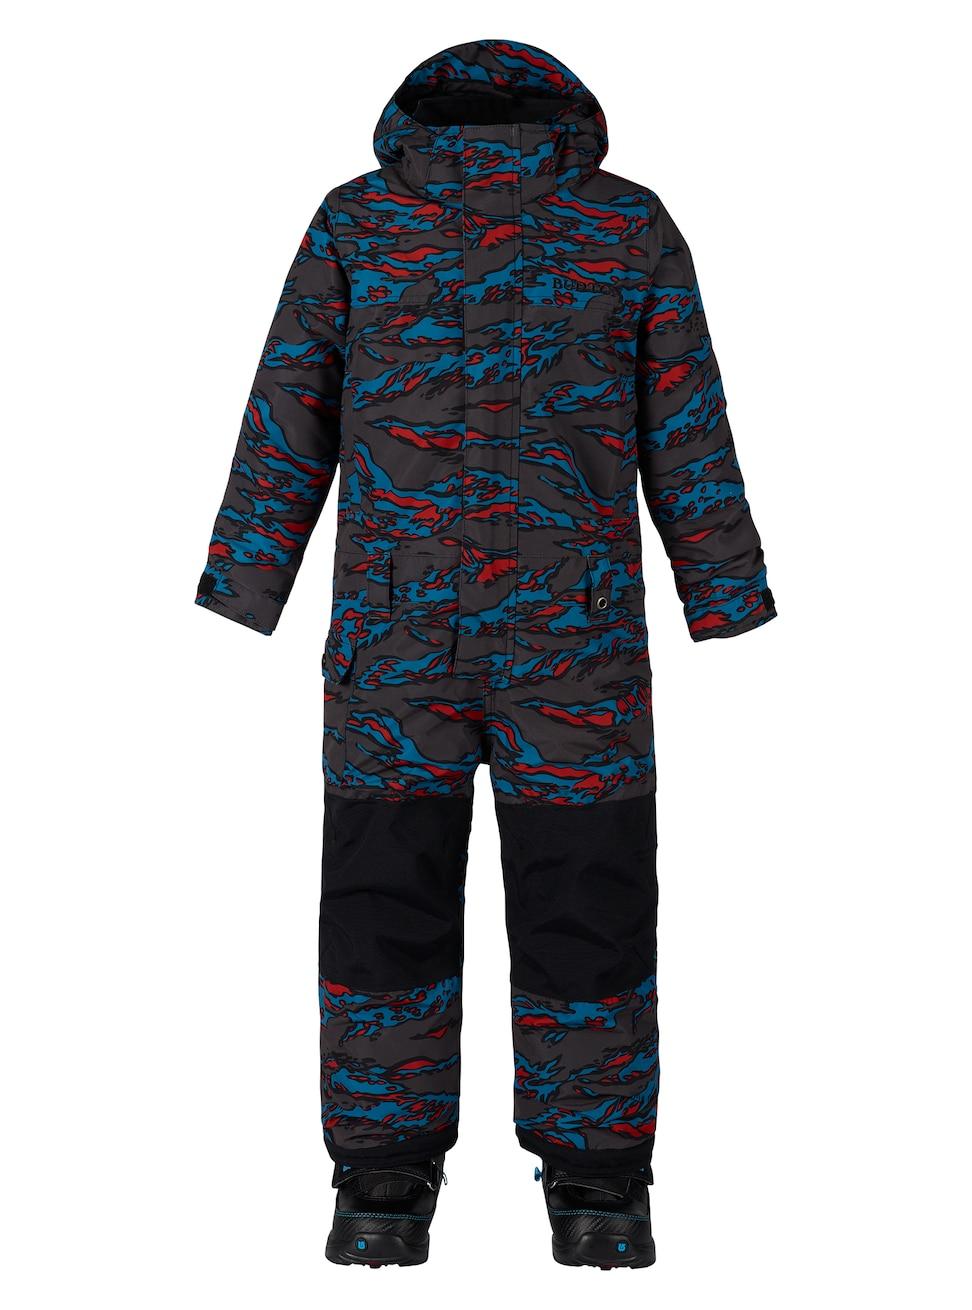 Купить Комбинезон сноубордический BURTON 2017-18 BOYS MS STRIKER OP BITTERS BEAST CAMO, Детская одежда, 1354948